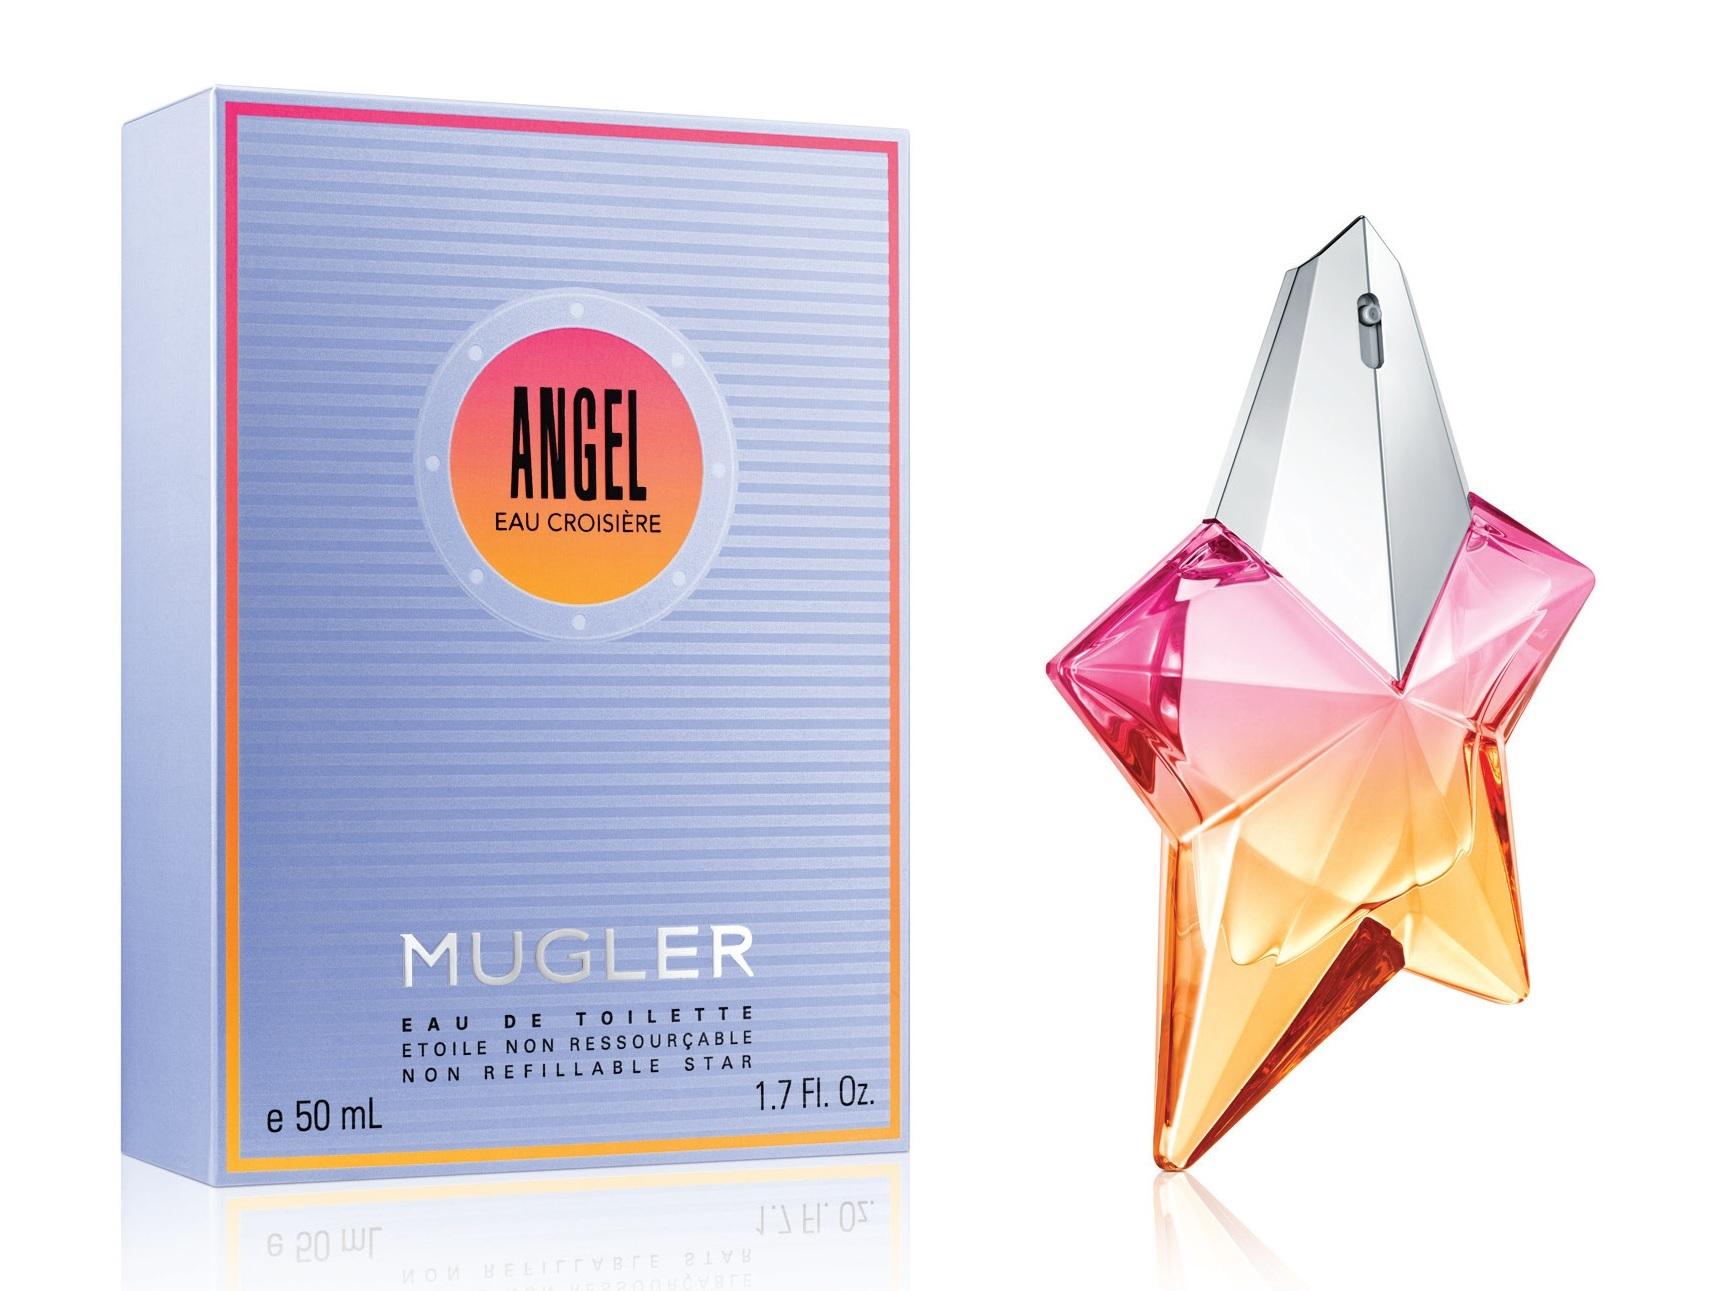 Mugler Eau Croisiere 50 mL